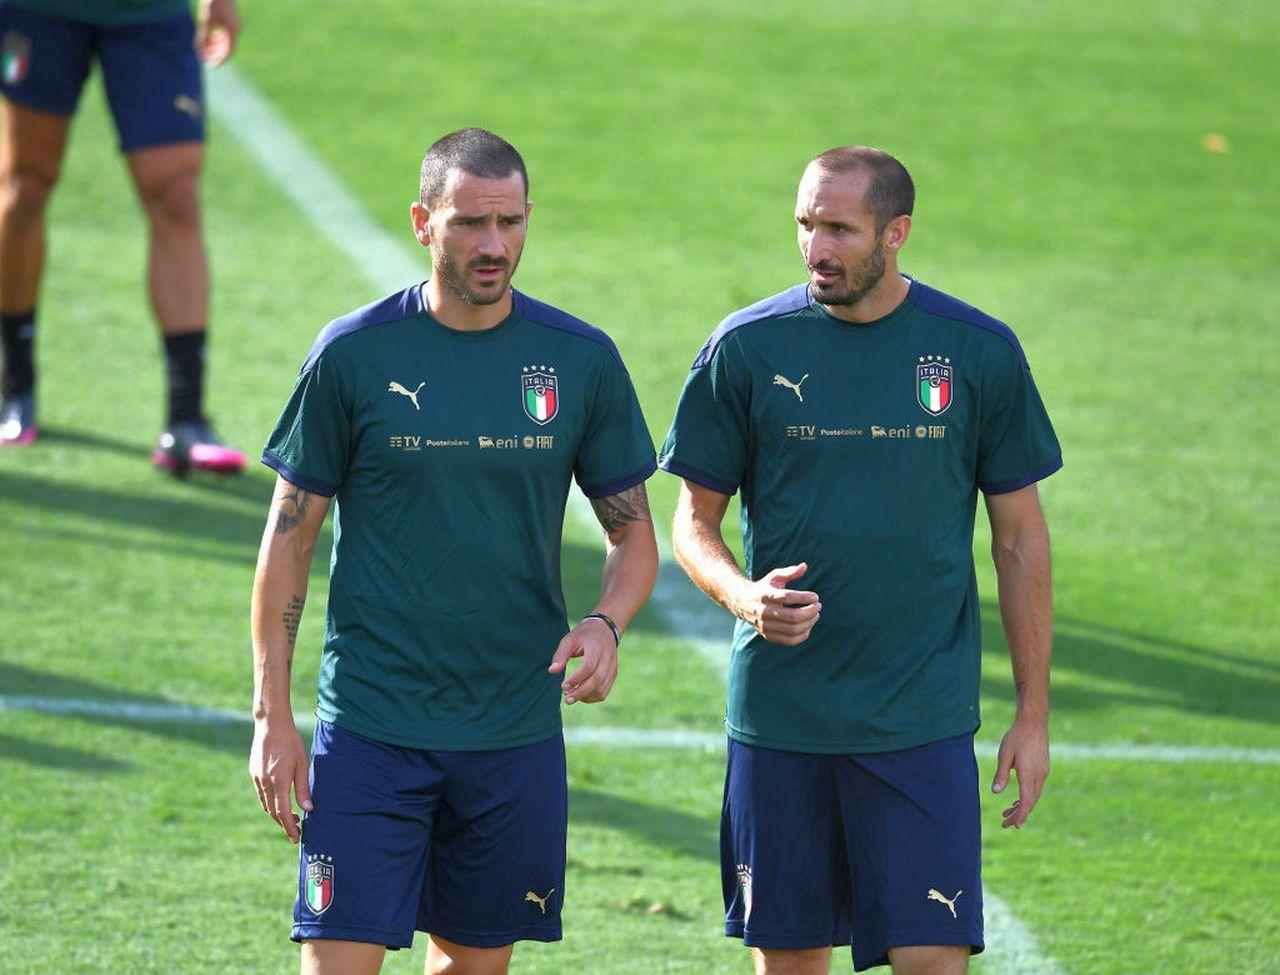 Nazionale | Juventus, Chiellini e Bonucci: accertamenti prima del ritiro